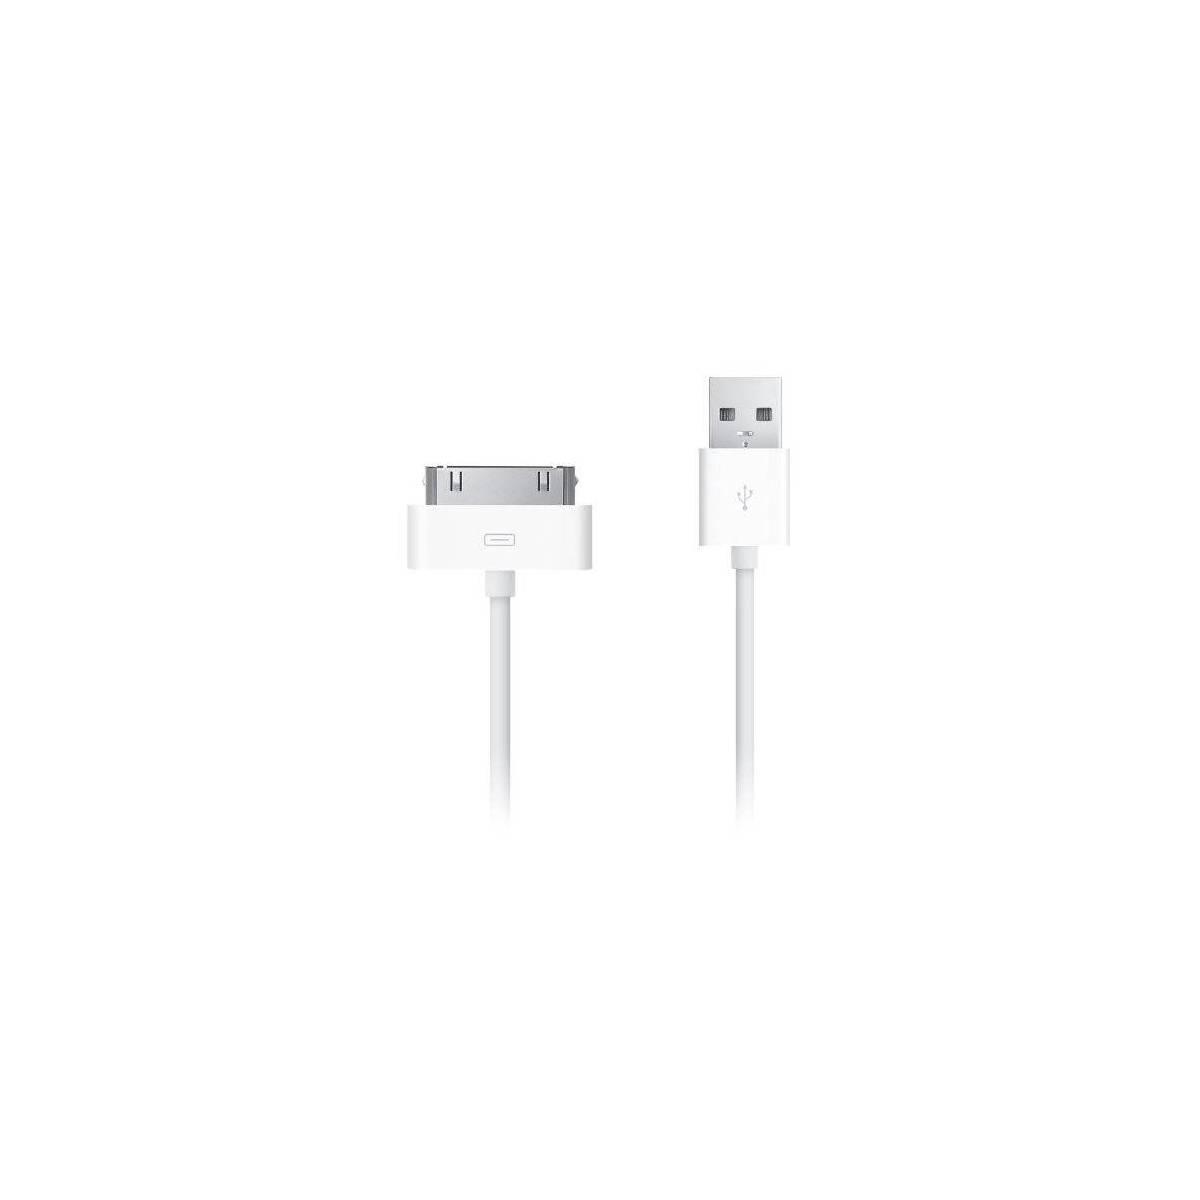 iPhone kabel og oplader Mackabler.no | PÅ LAGER